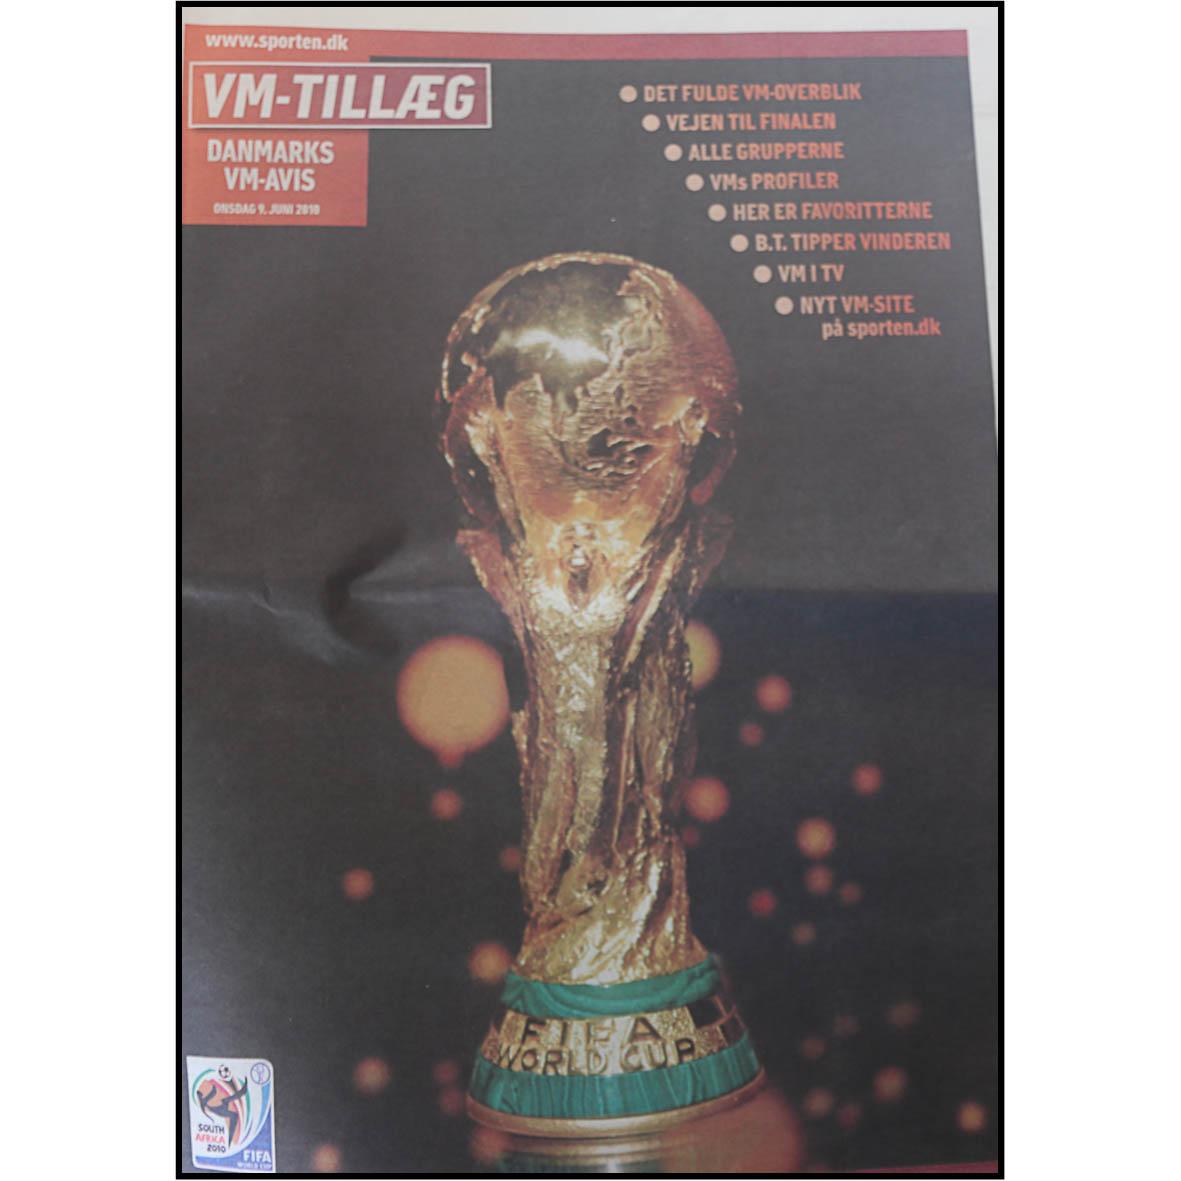 VM tillæg 2006 (BT / Sporten.dk)